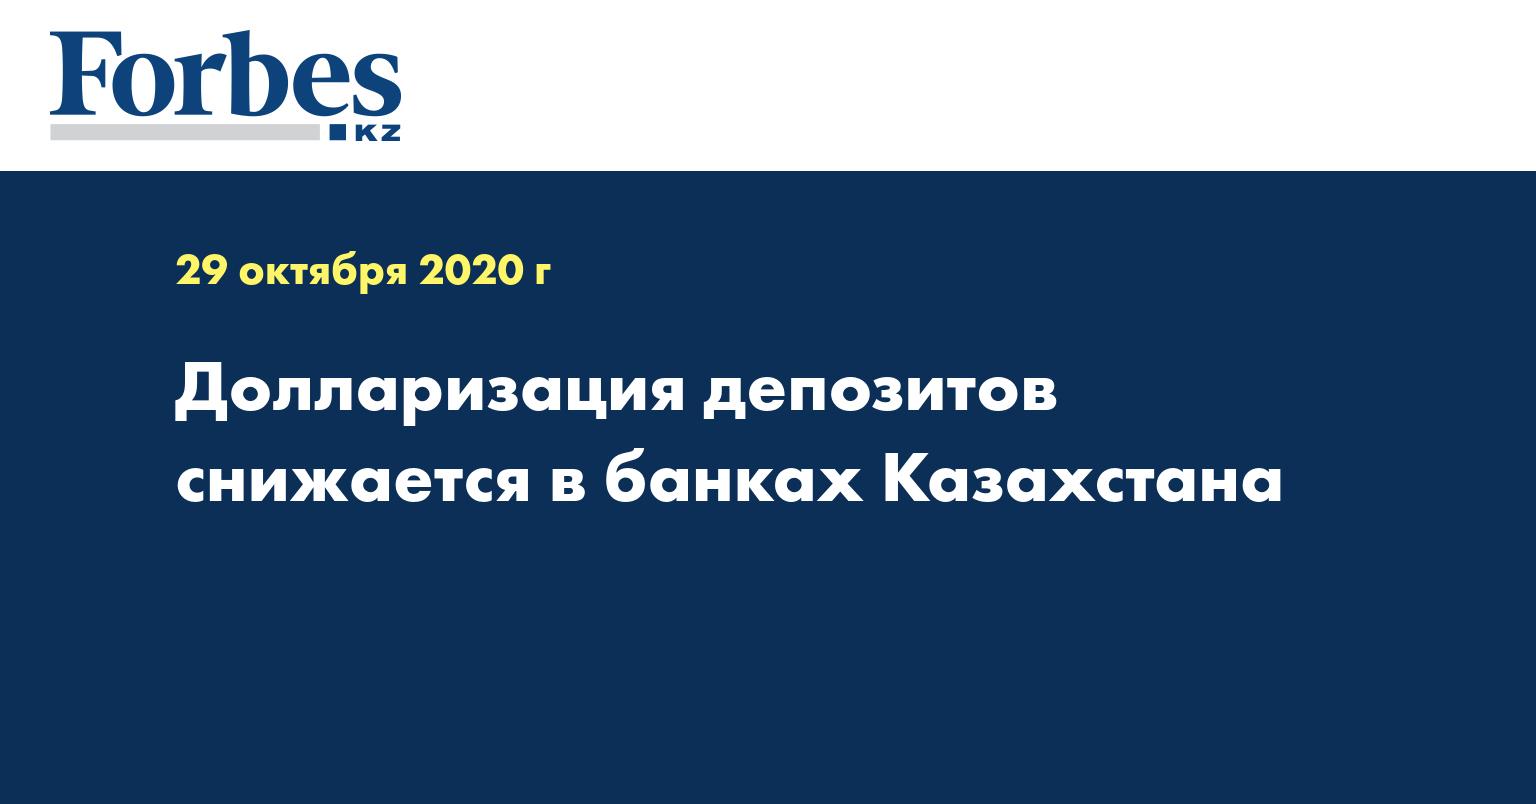 Долларизация депозитов снижается в банках Казахстана